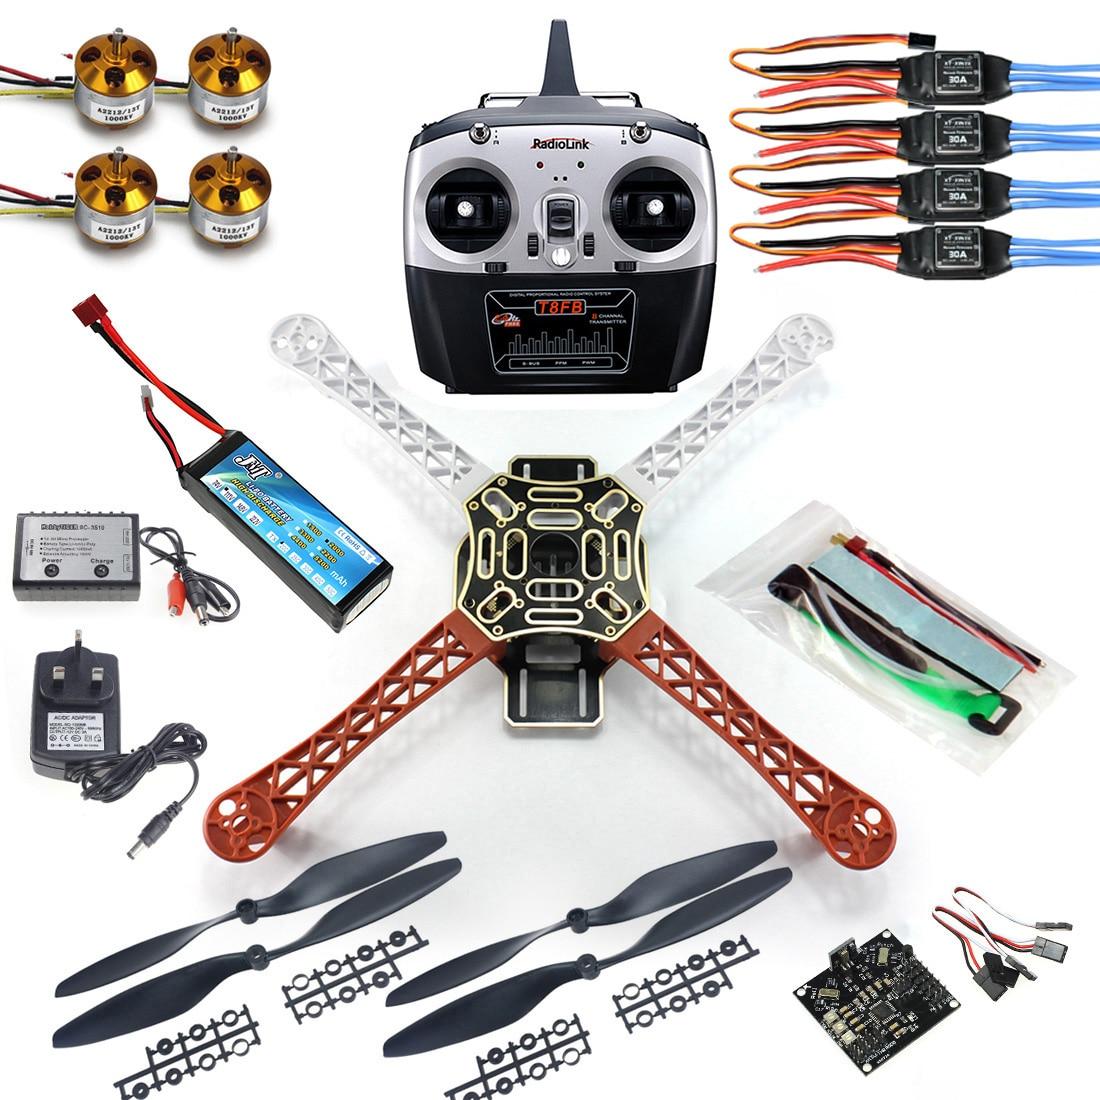 F02192-A RC Multi QuadCopter UFO RTF/ARFKK V2.3 Circuit board+1000KV Motor+30A ESC+Lipo+F450 Flamewheel+6ch TX&RX jmt rc 4 axle multi heli quadcopter ufo arf kit f450 frame a2212 motor hobbywing esc cf pros 6ch tx rx f02192 g